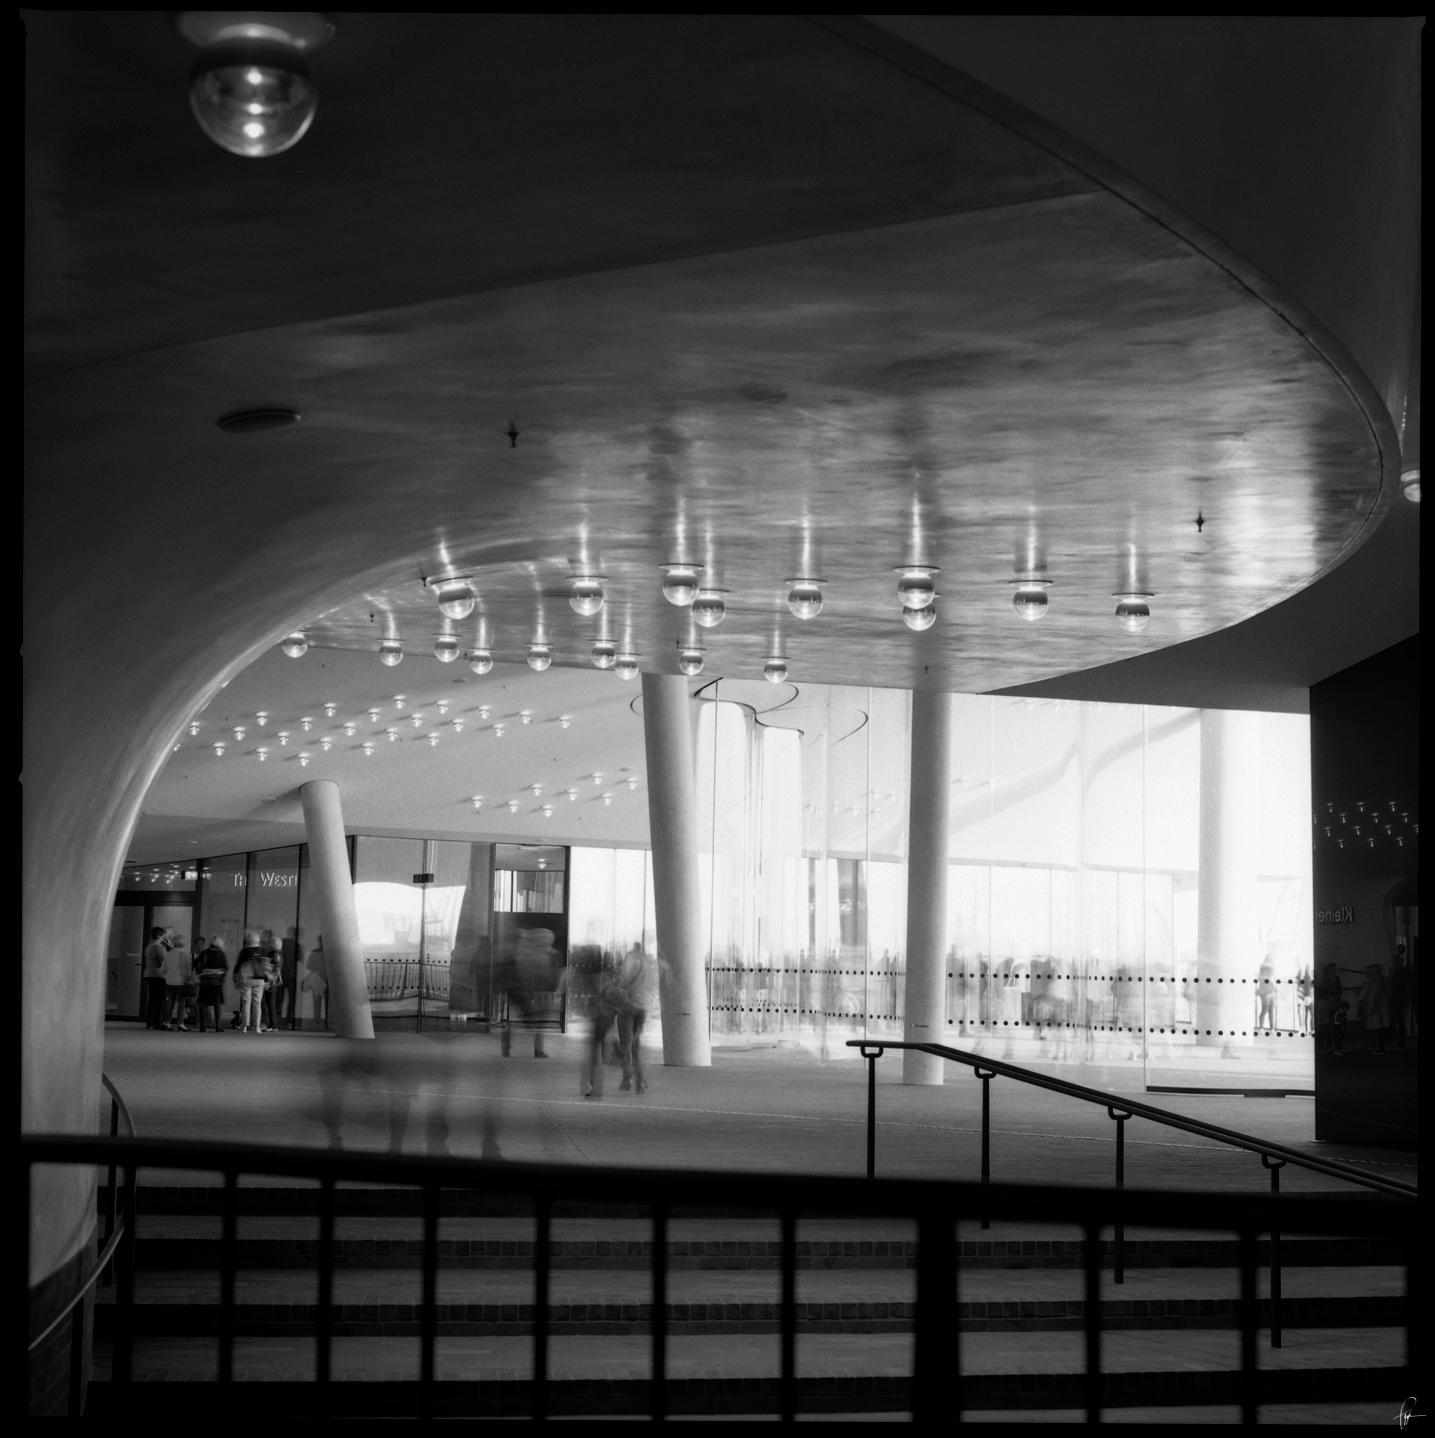 Elbphilharmonie Plaza by karlomat